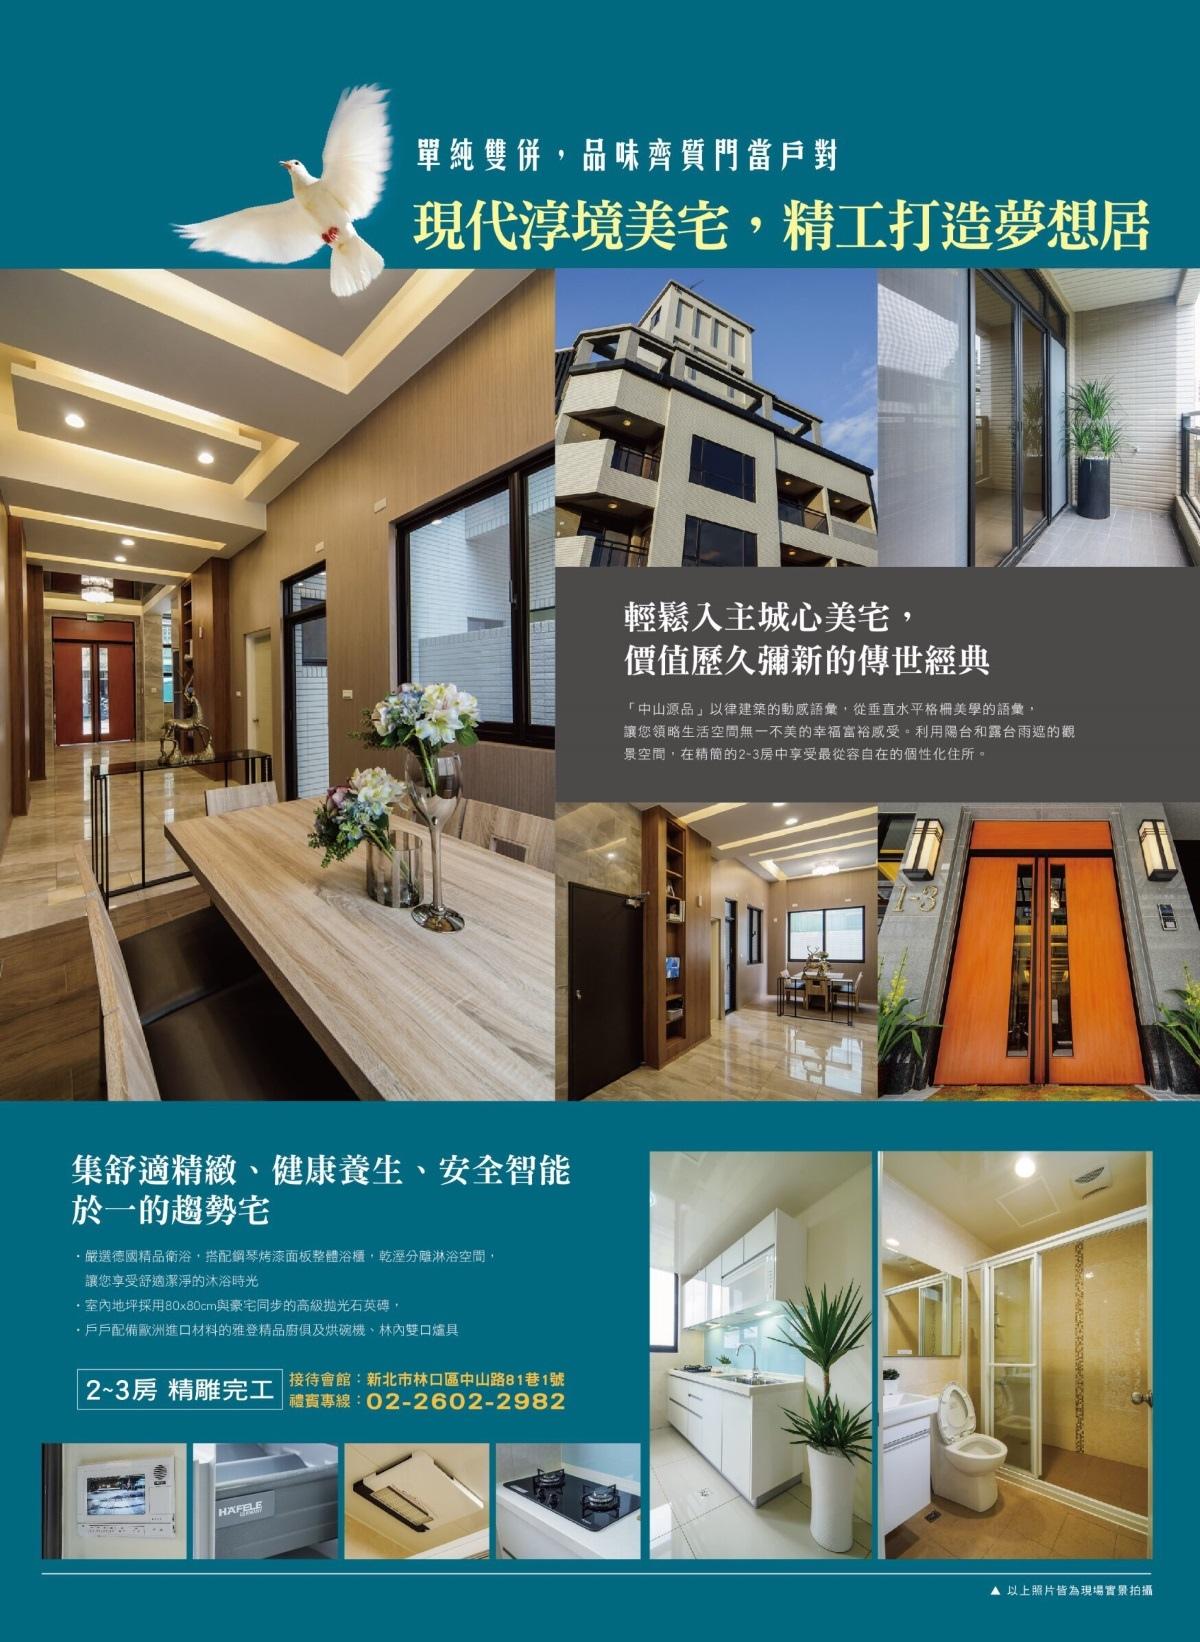 [林口國小]立源開發-中山源品(大樓)2016-07-15 014.JPG